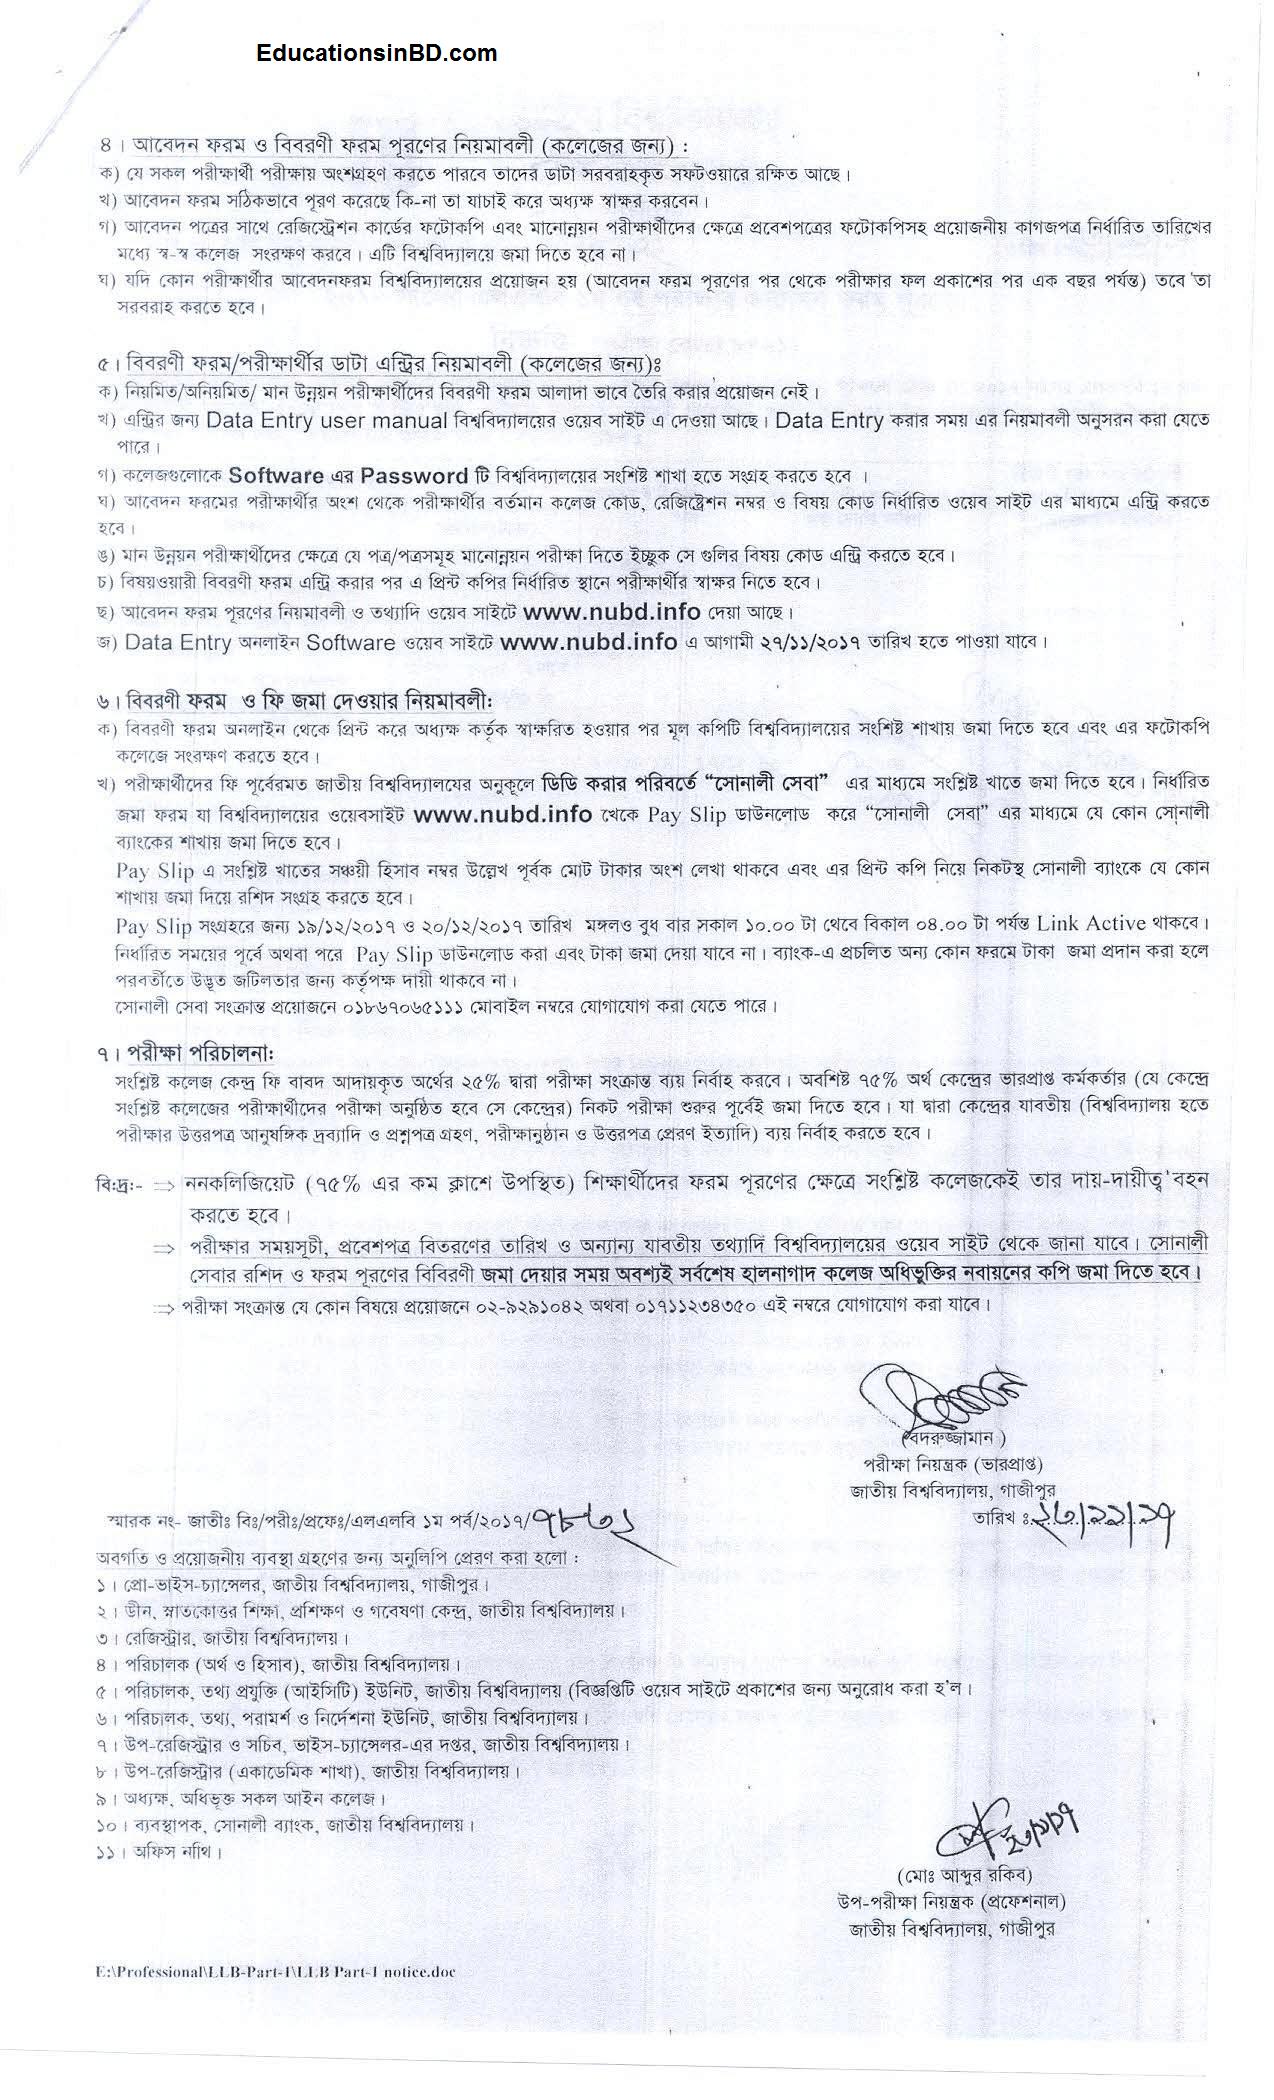 LL.B. 1st year examination application form Fill up Notice - 2018